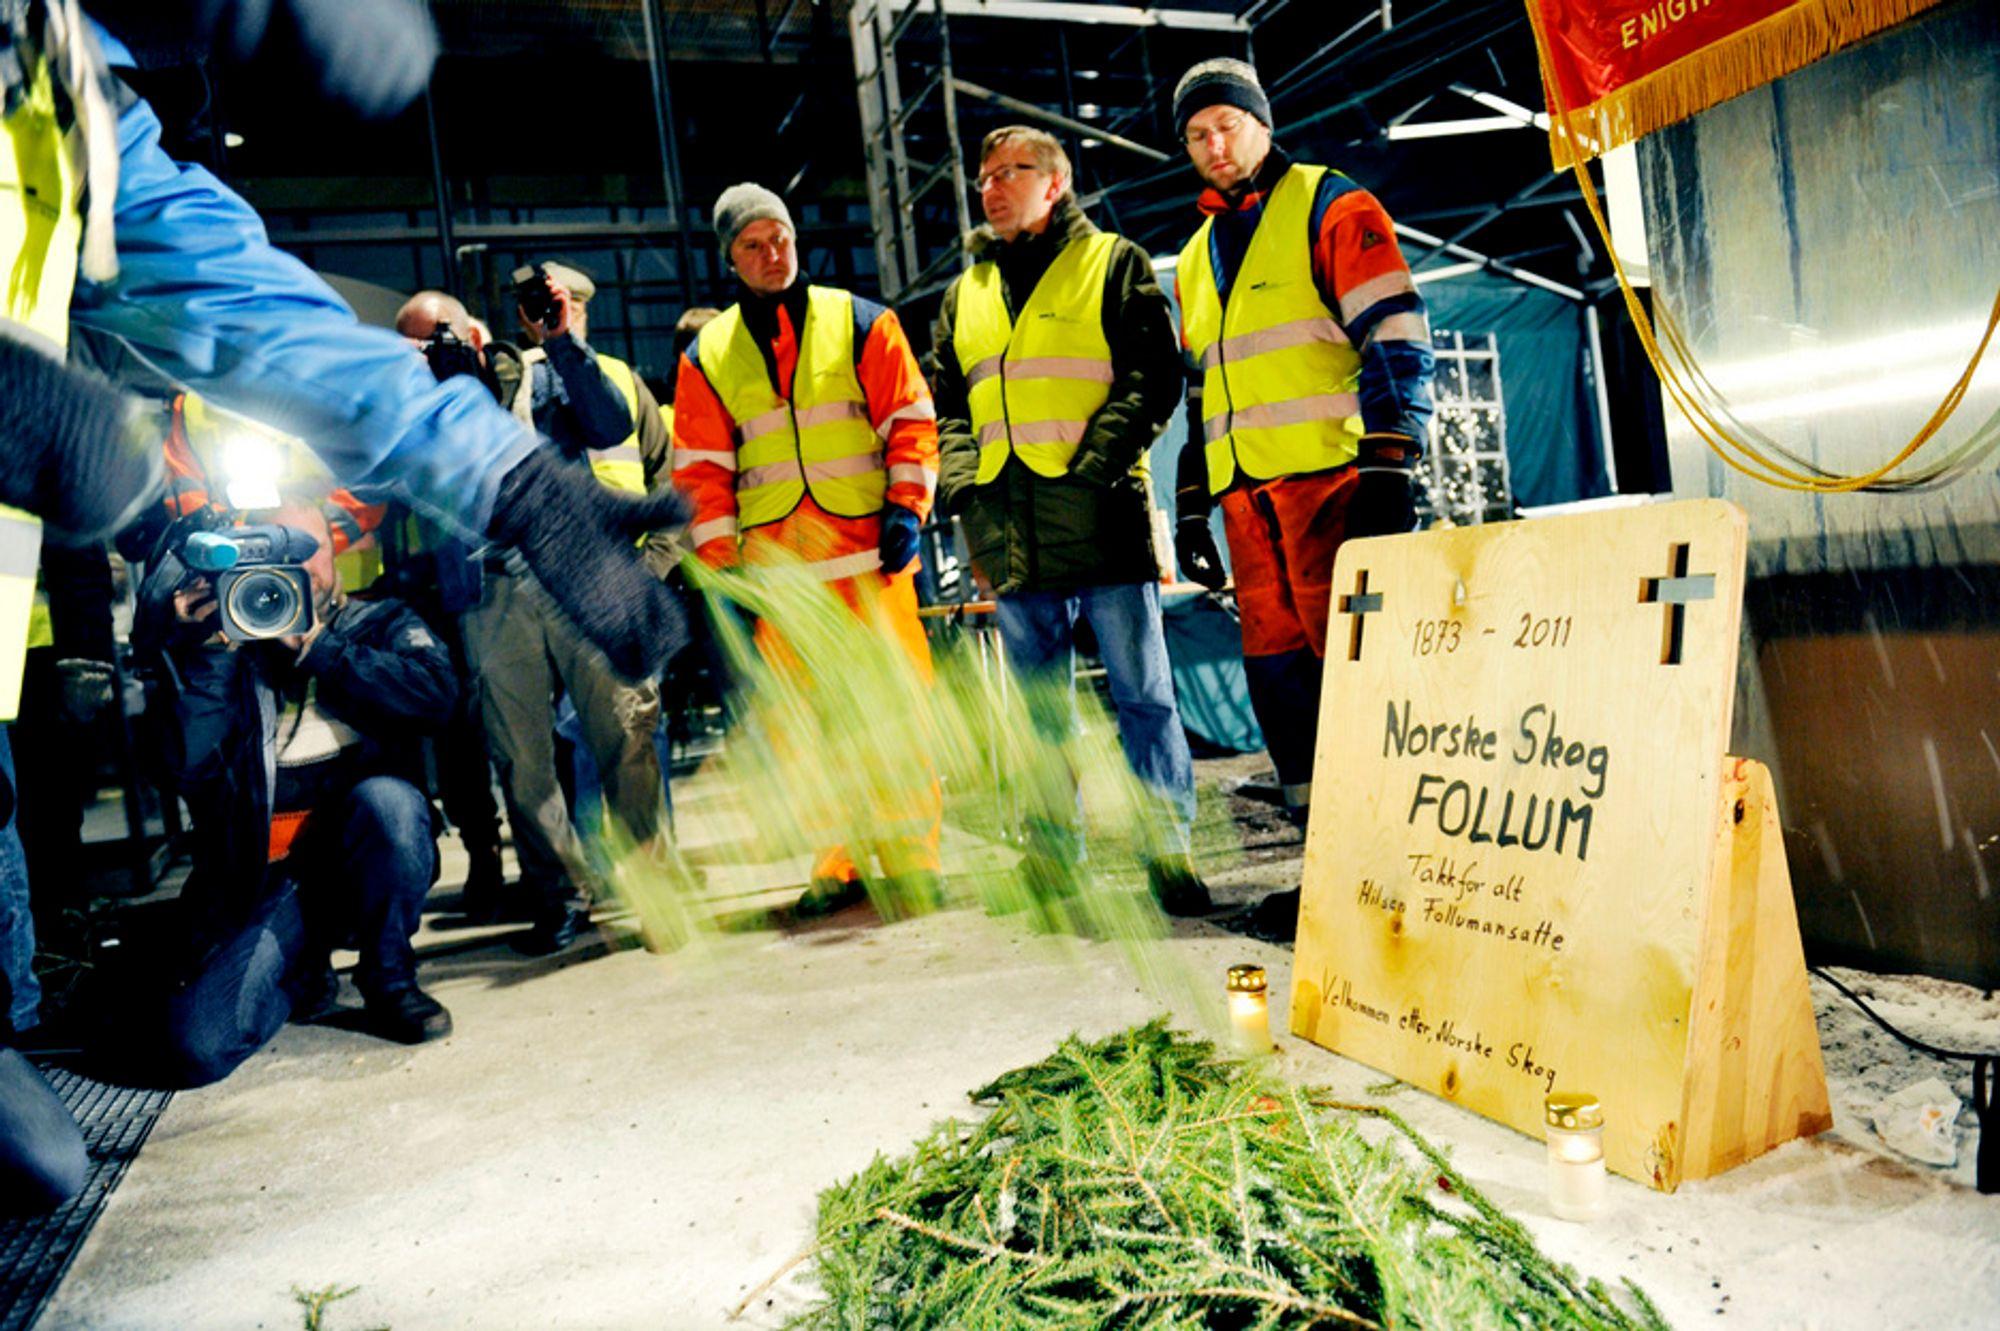 SLUTT: Her begraver de demonstrerende Follum-ansatte 140 år med historie etter at bedriftsforsamlingen i Norske Skog gjorde endelig vedtak om å legge ned papirfabrikken på Follum utenfor Hønefoss.